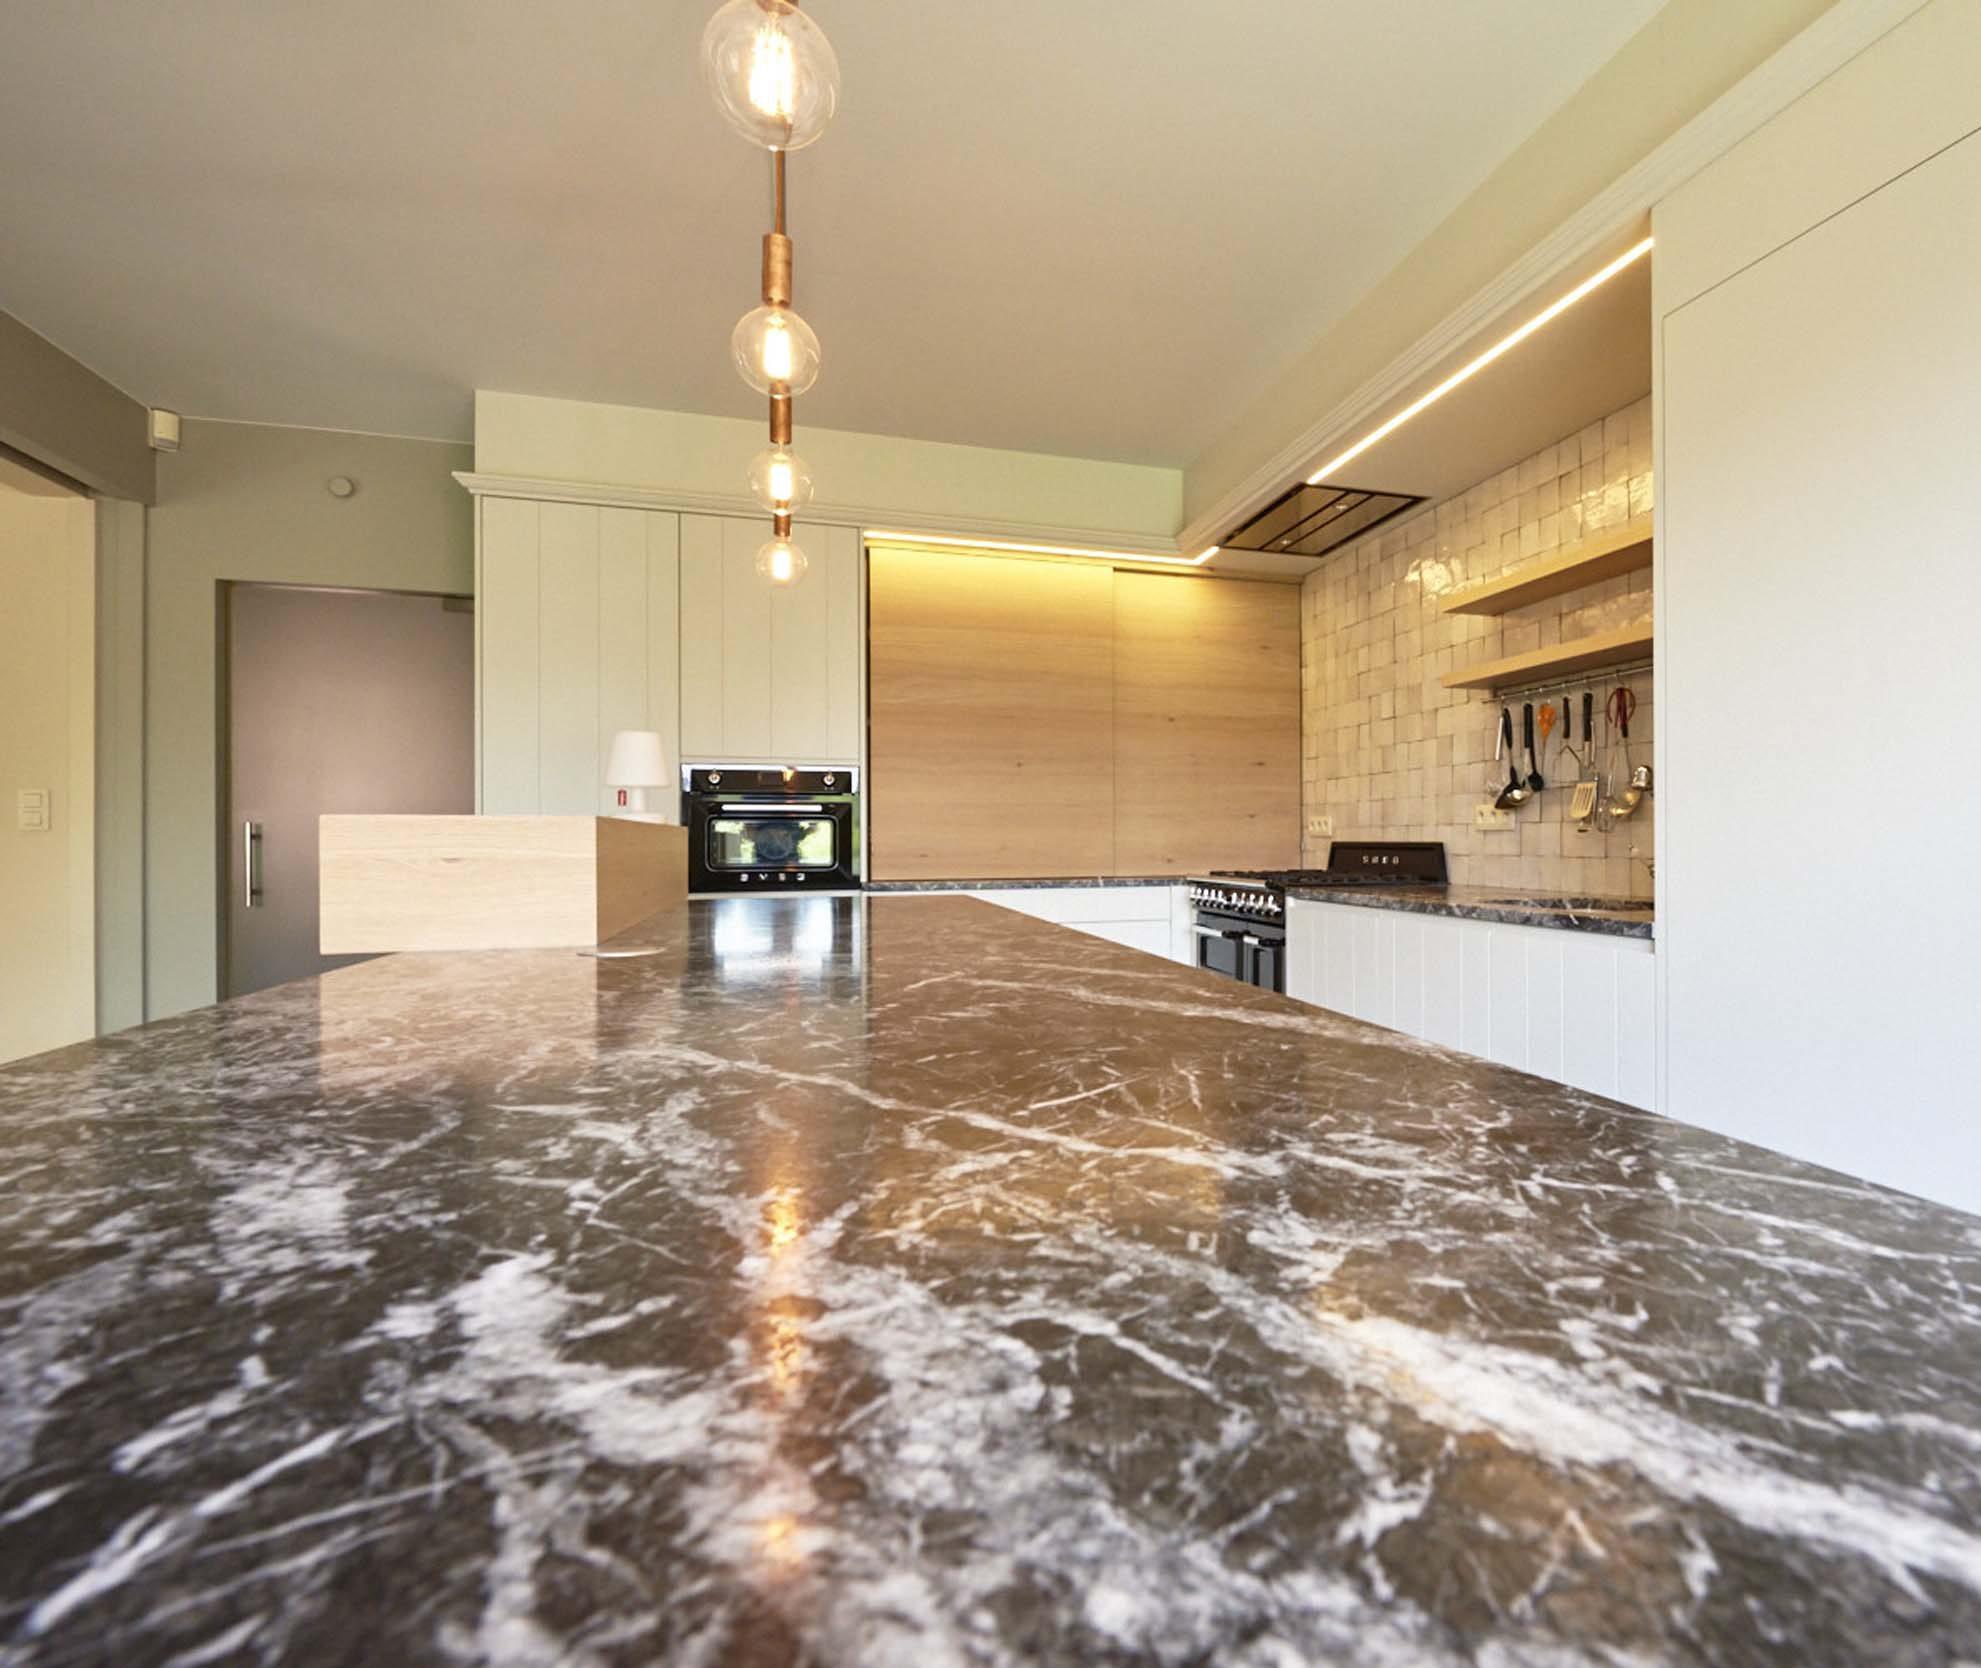 Vanda-projects-interieurinrichting-meubelmakerij-oost-vlaanderen-dumoulin-keuken-marmer